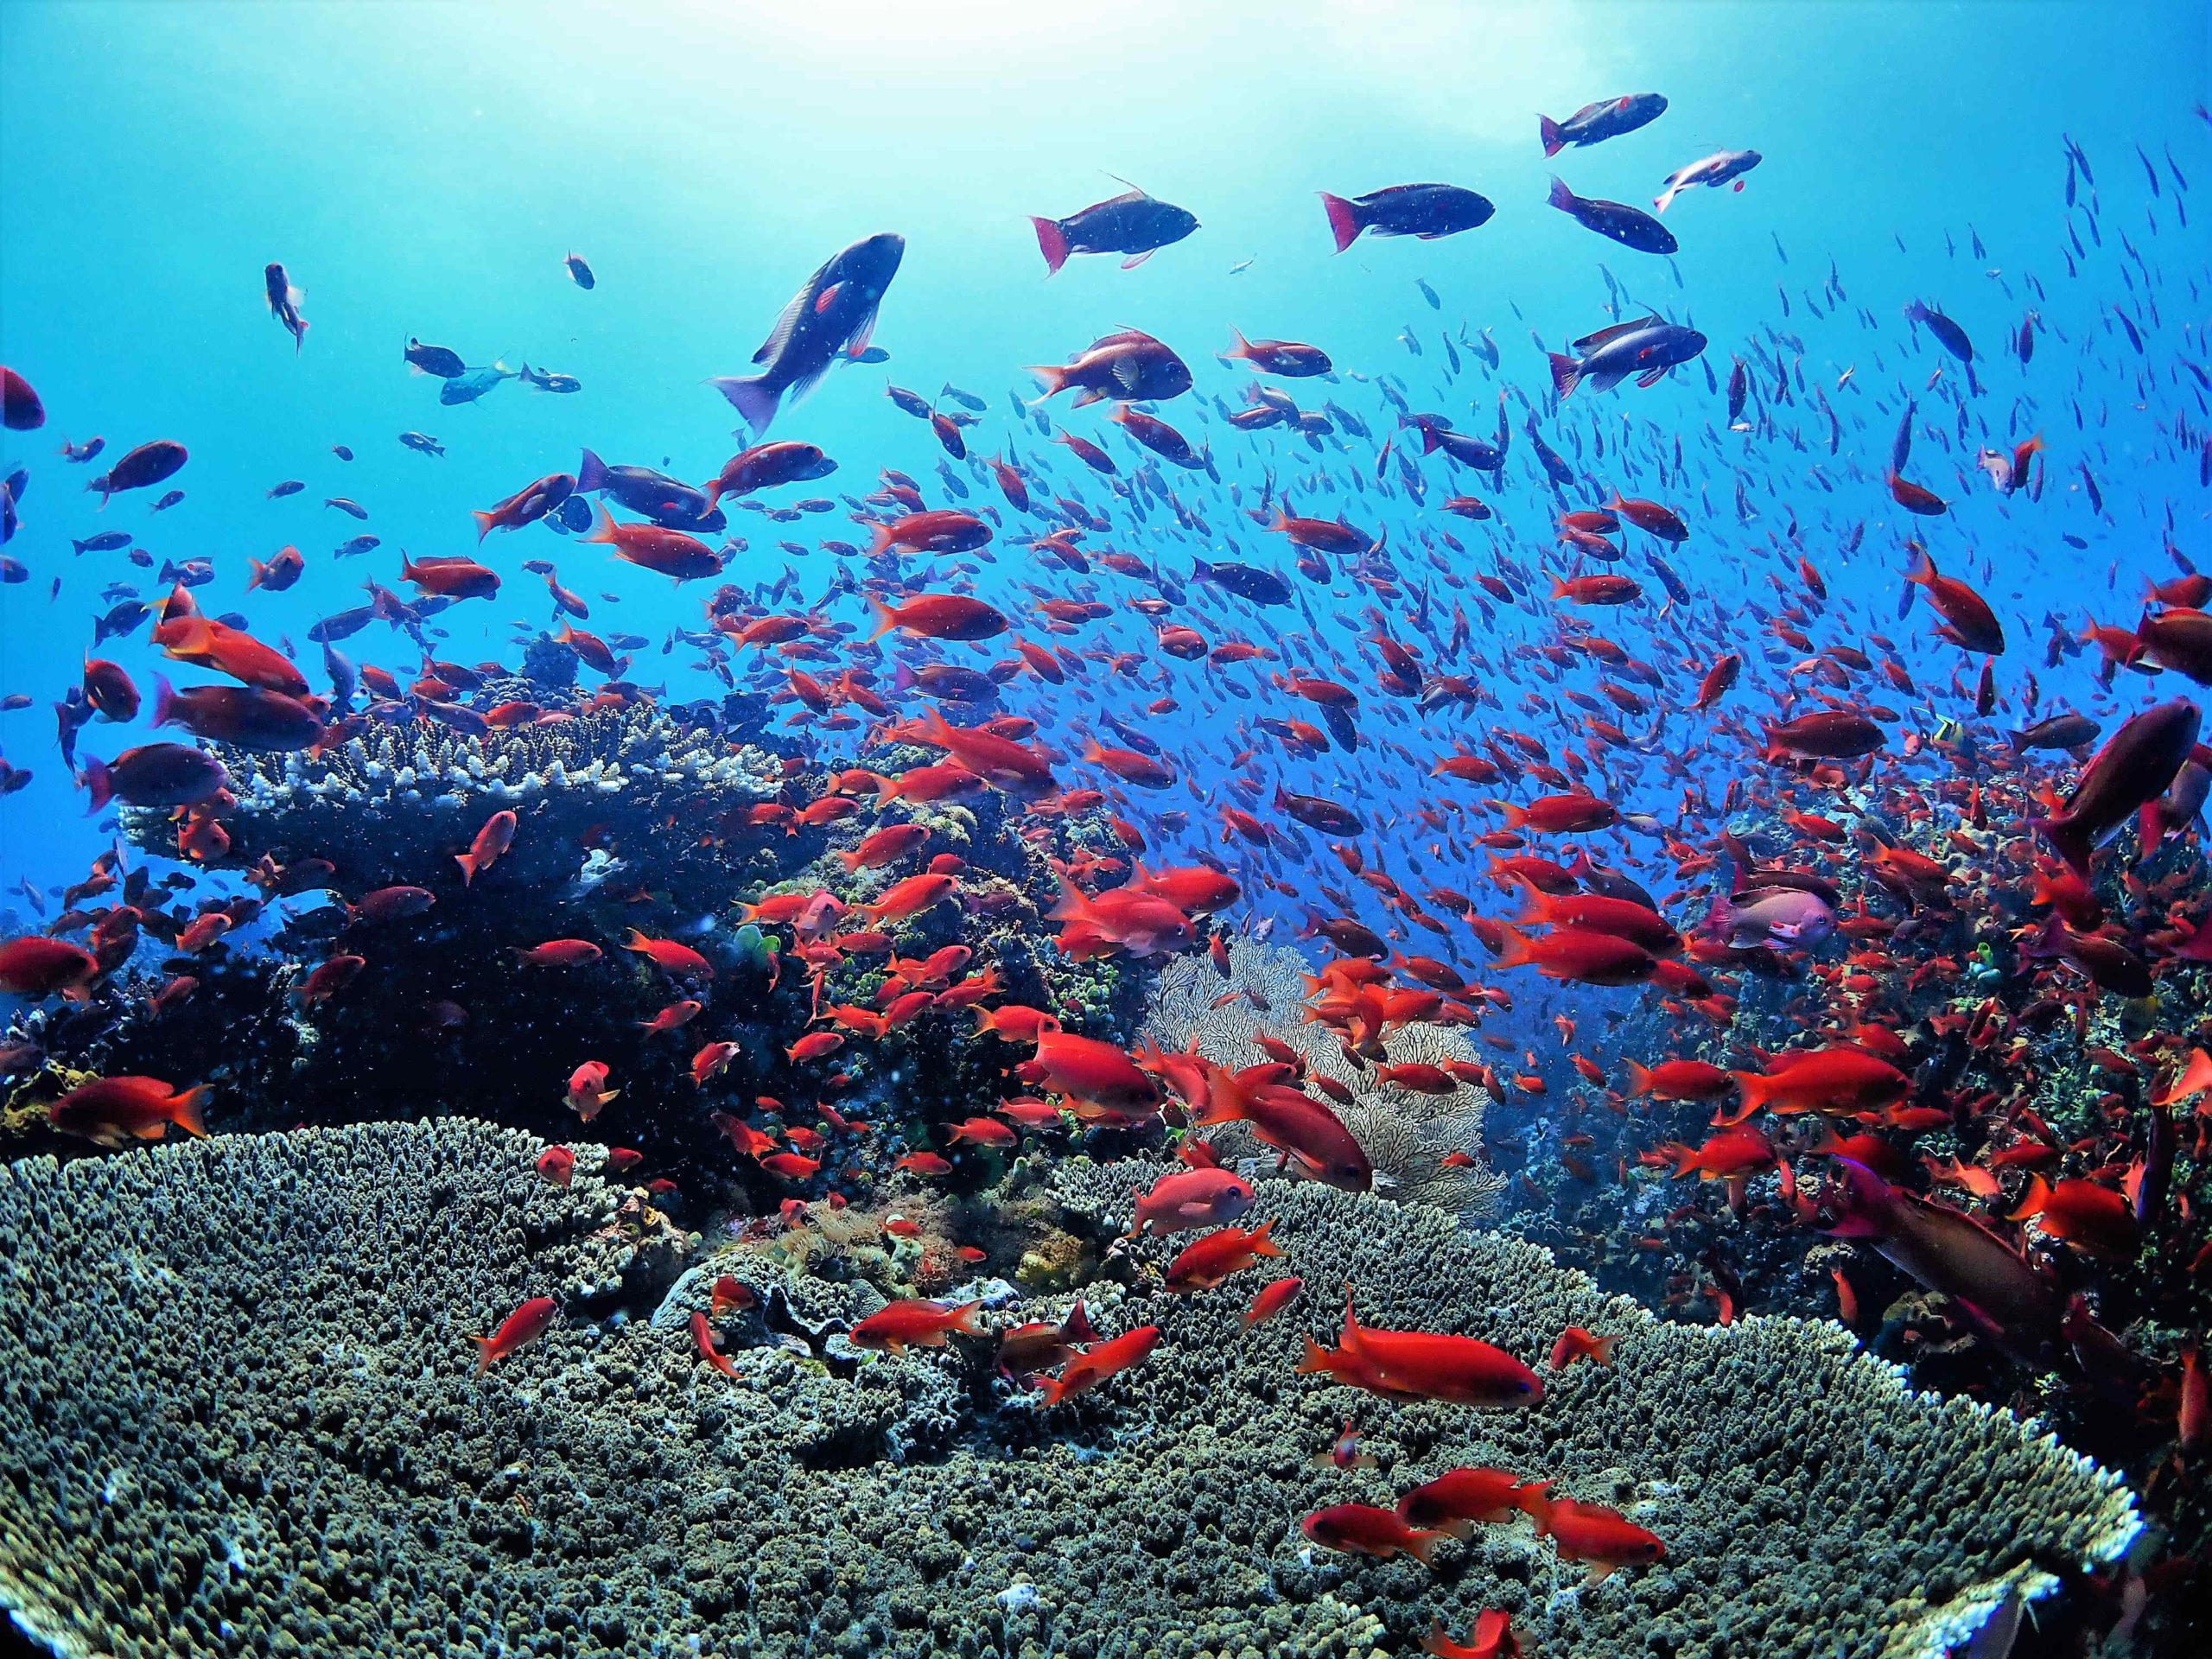 プエルトガレラの海の中、キンギョハナダイと珊瑚礁